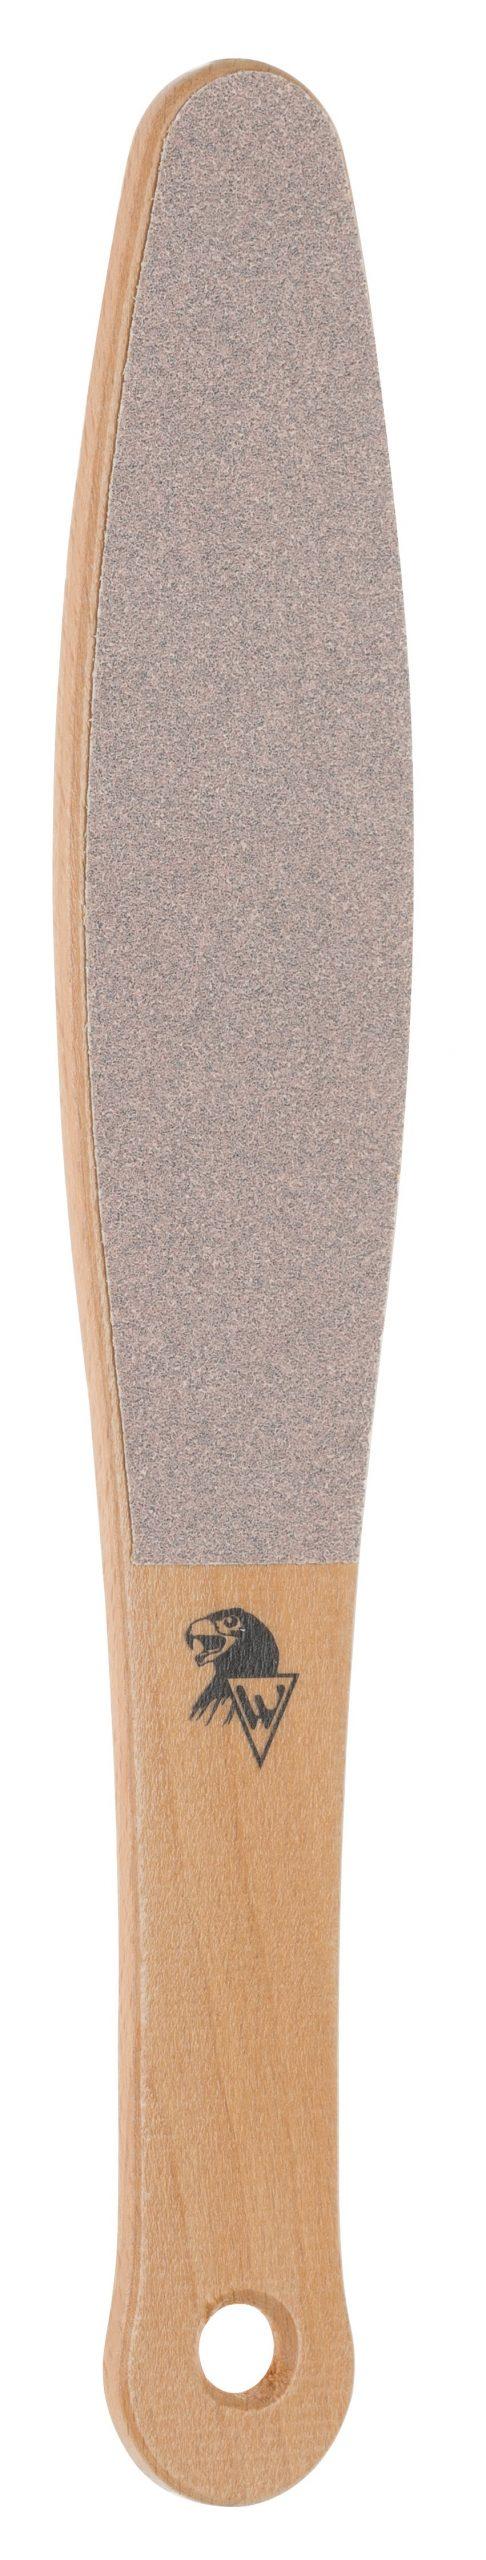 Holzfußfeile aus Naturbuche